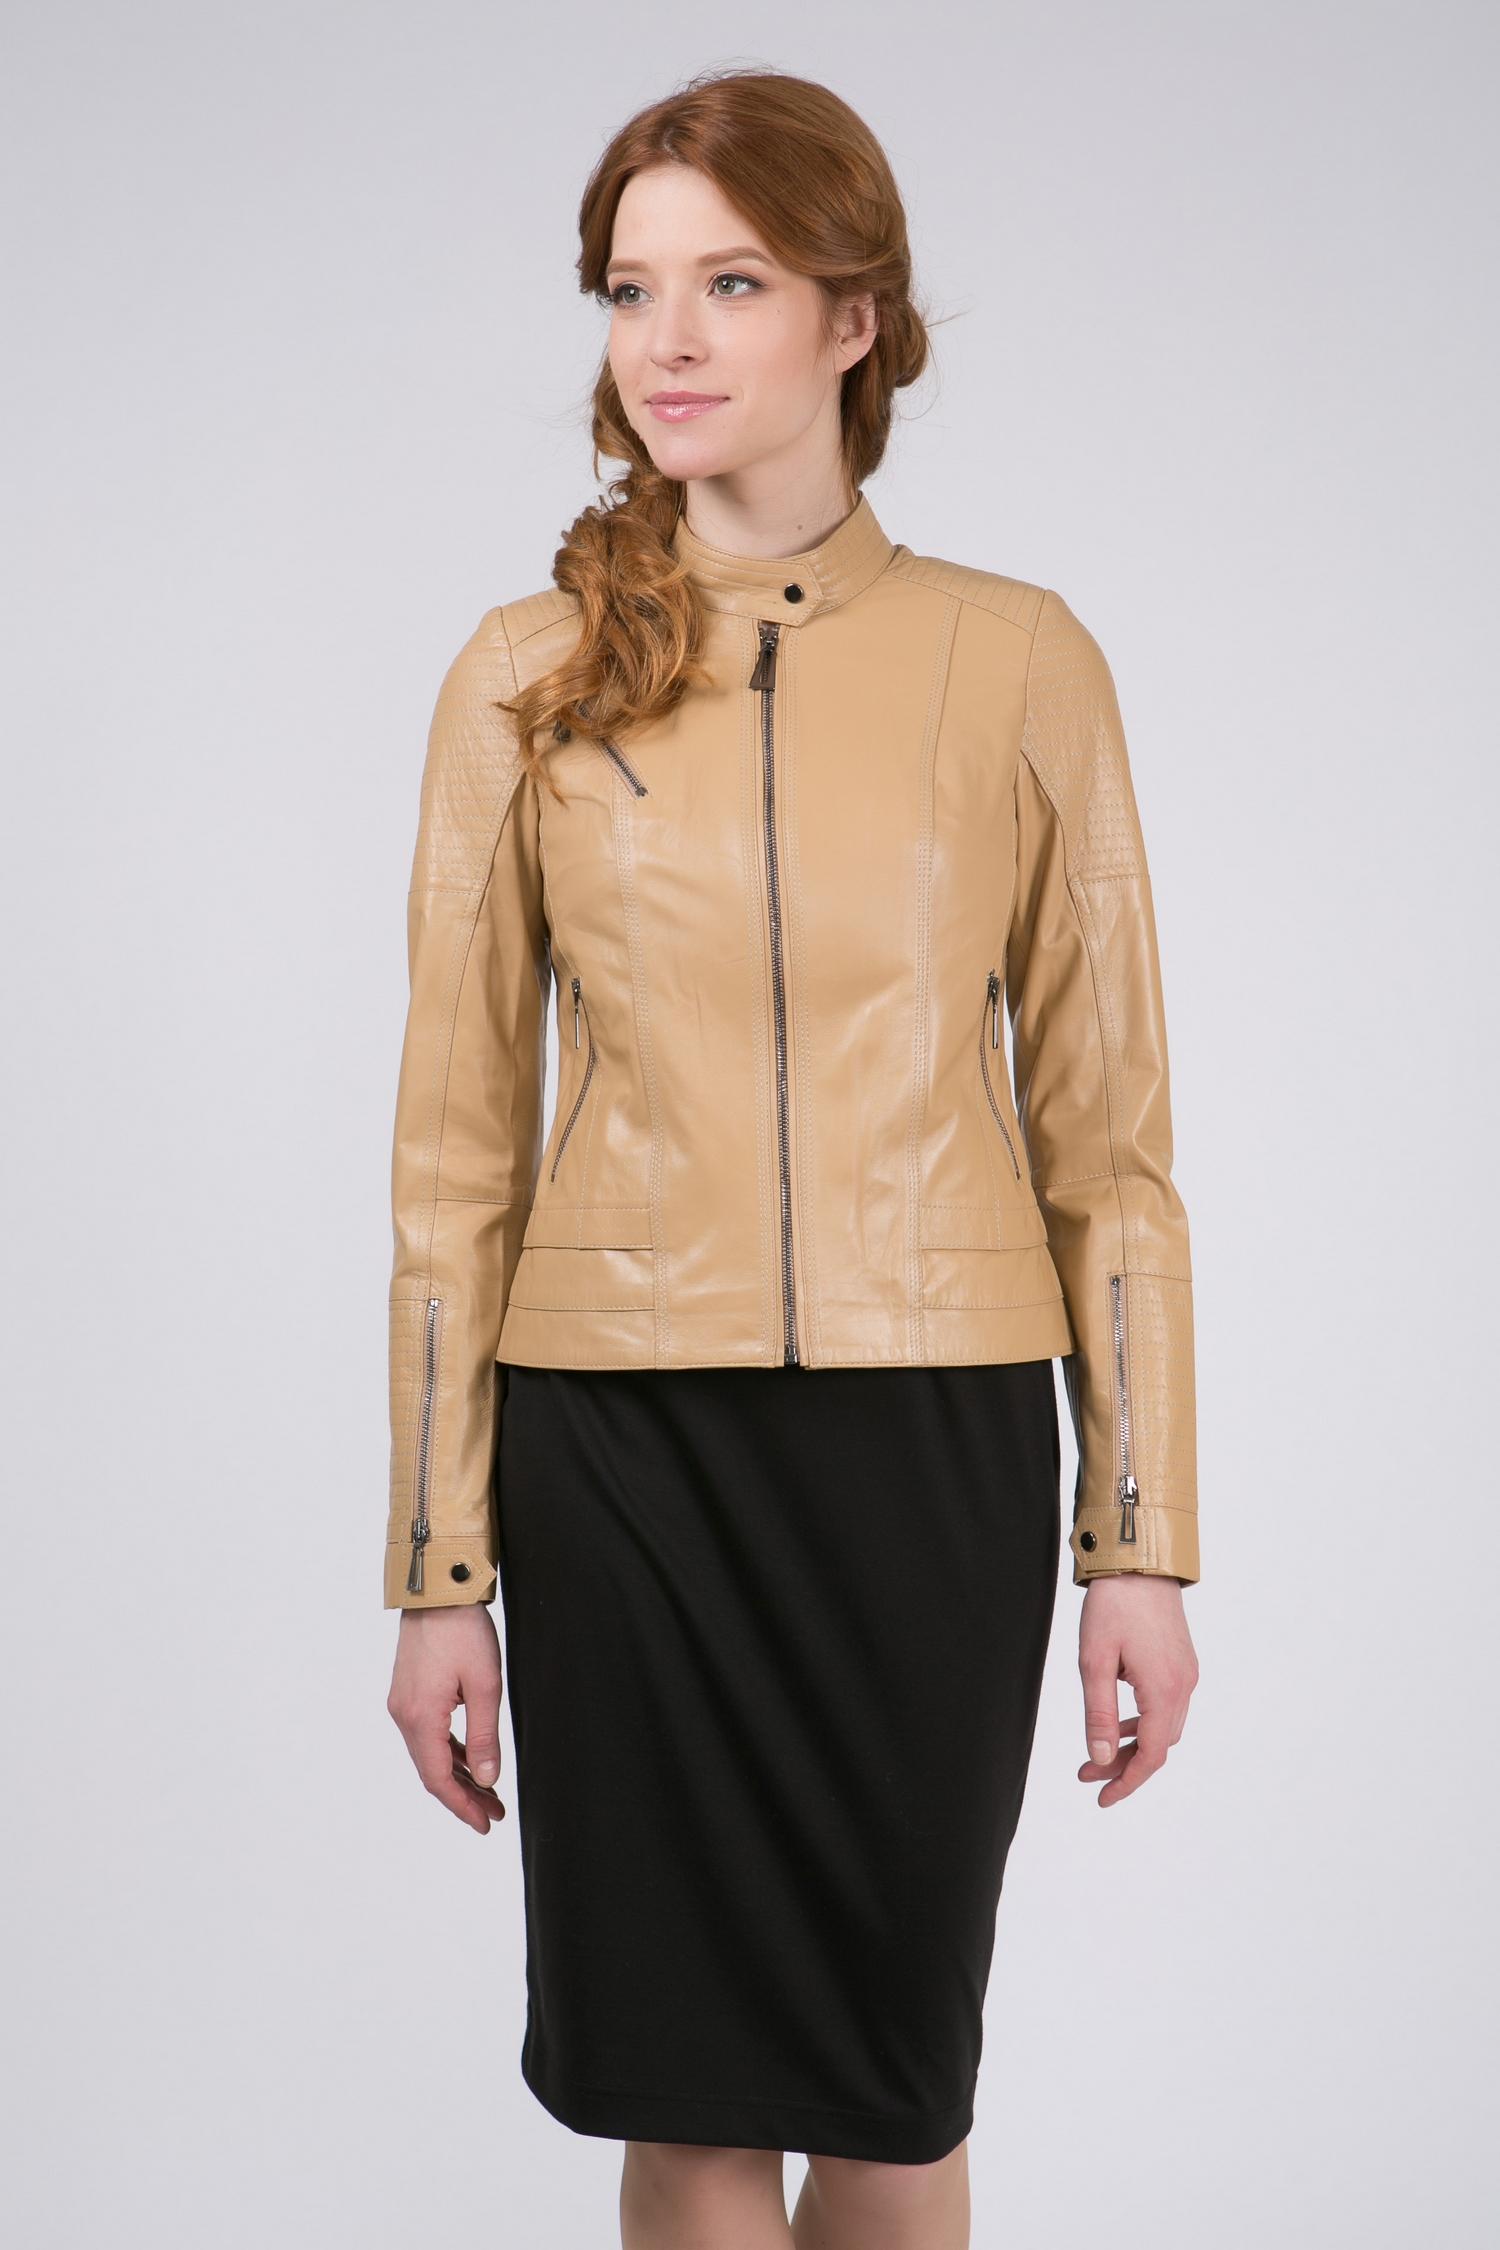 Женская кожаная куртка из натуральной кожи с воротником, без отделки<br><br>Воротник: стойка<br>Длина см: Короткая (51-74 )<br>Материал: Кожа овчина<br>Цвет: бежевый<br>Вид застежки: центральная<br>Застежка: на молнии<br>Пол: Женский<br>Размер RU: 48